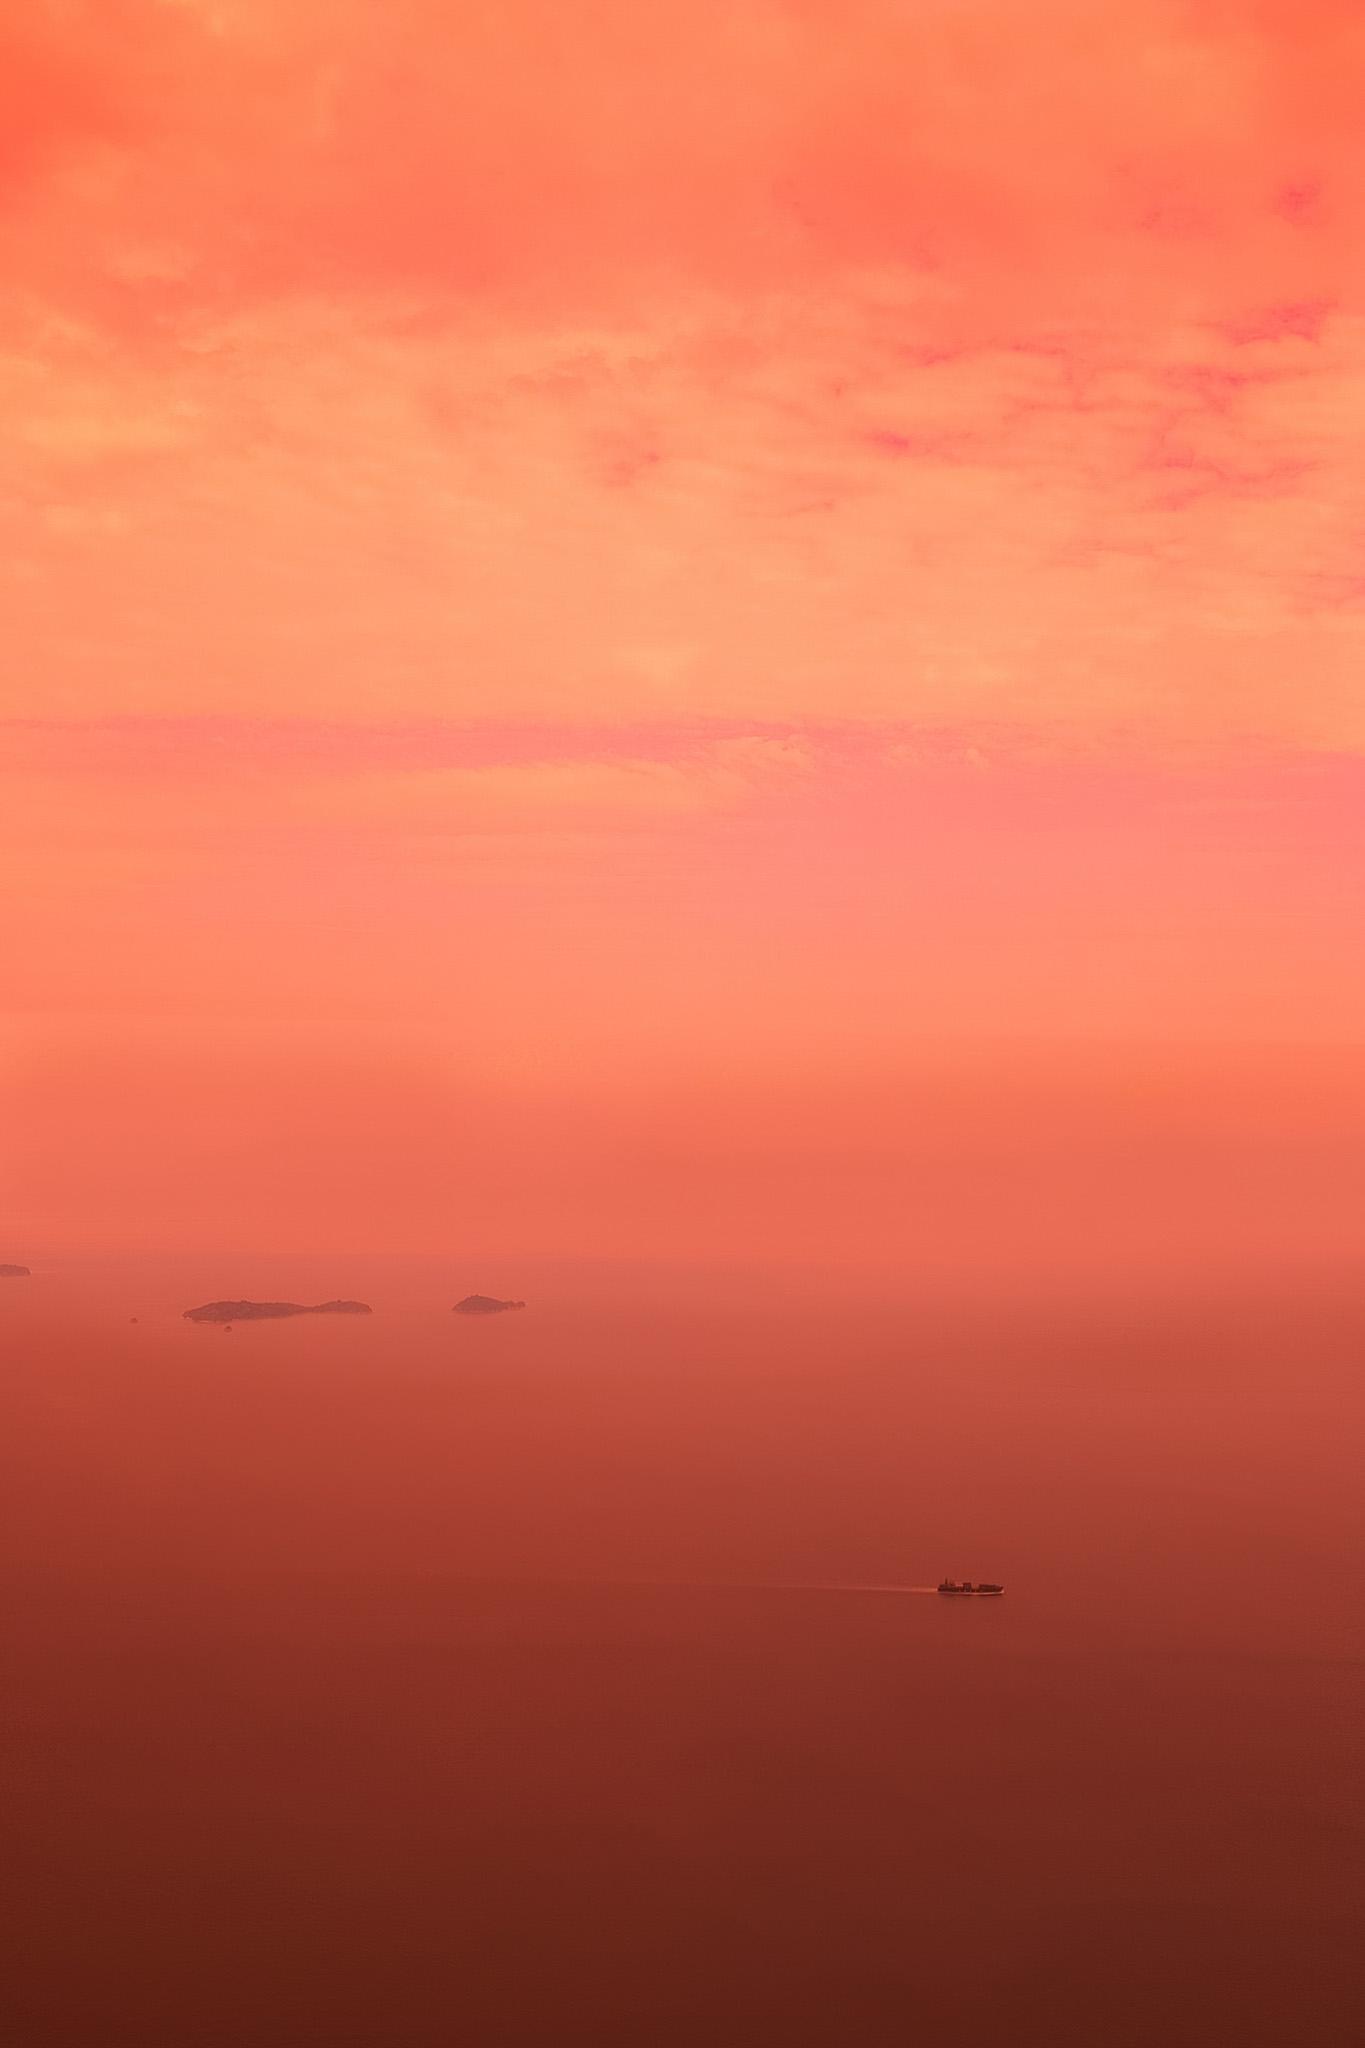 「夕焼けに包まれる穏やかな海」